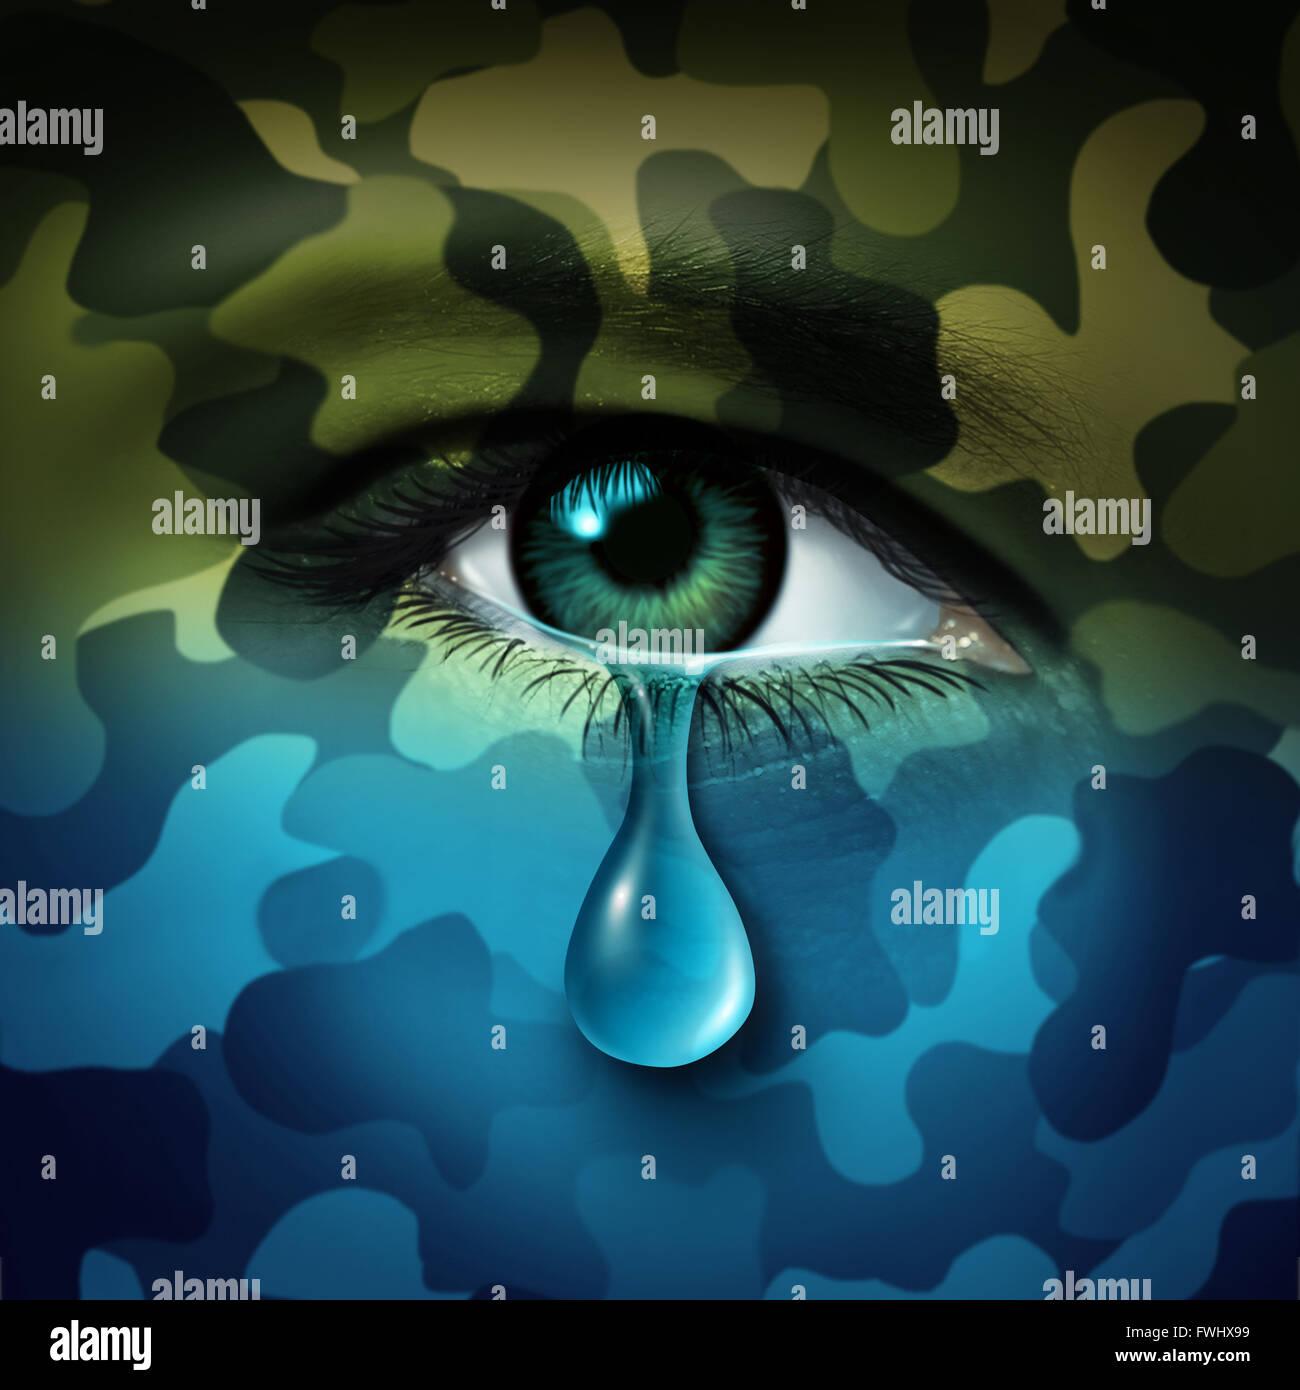 Concepto de salud mental depresión militares y víctimas de la guerra como símbolo de un ojo humano llorando lágrima con camuflaje verde se transforma en un humor azul como una metáfora para el veterano combatiente o problemas de salud. Foto de stock